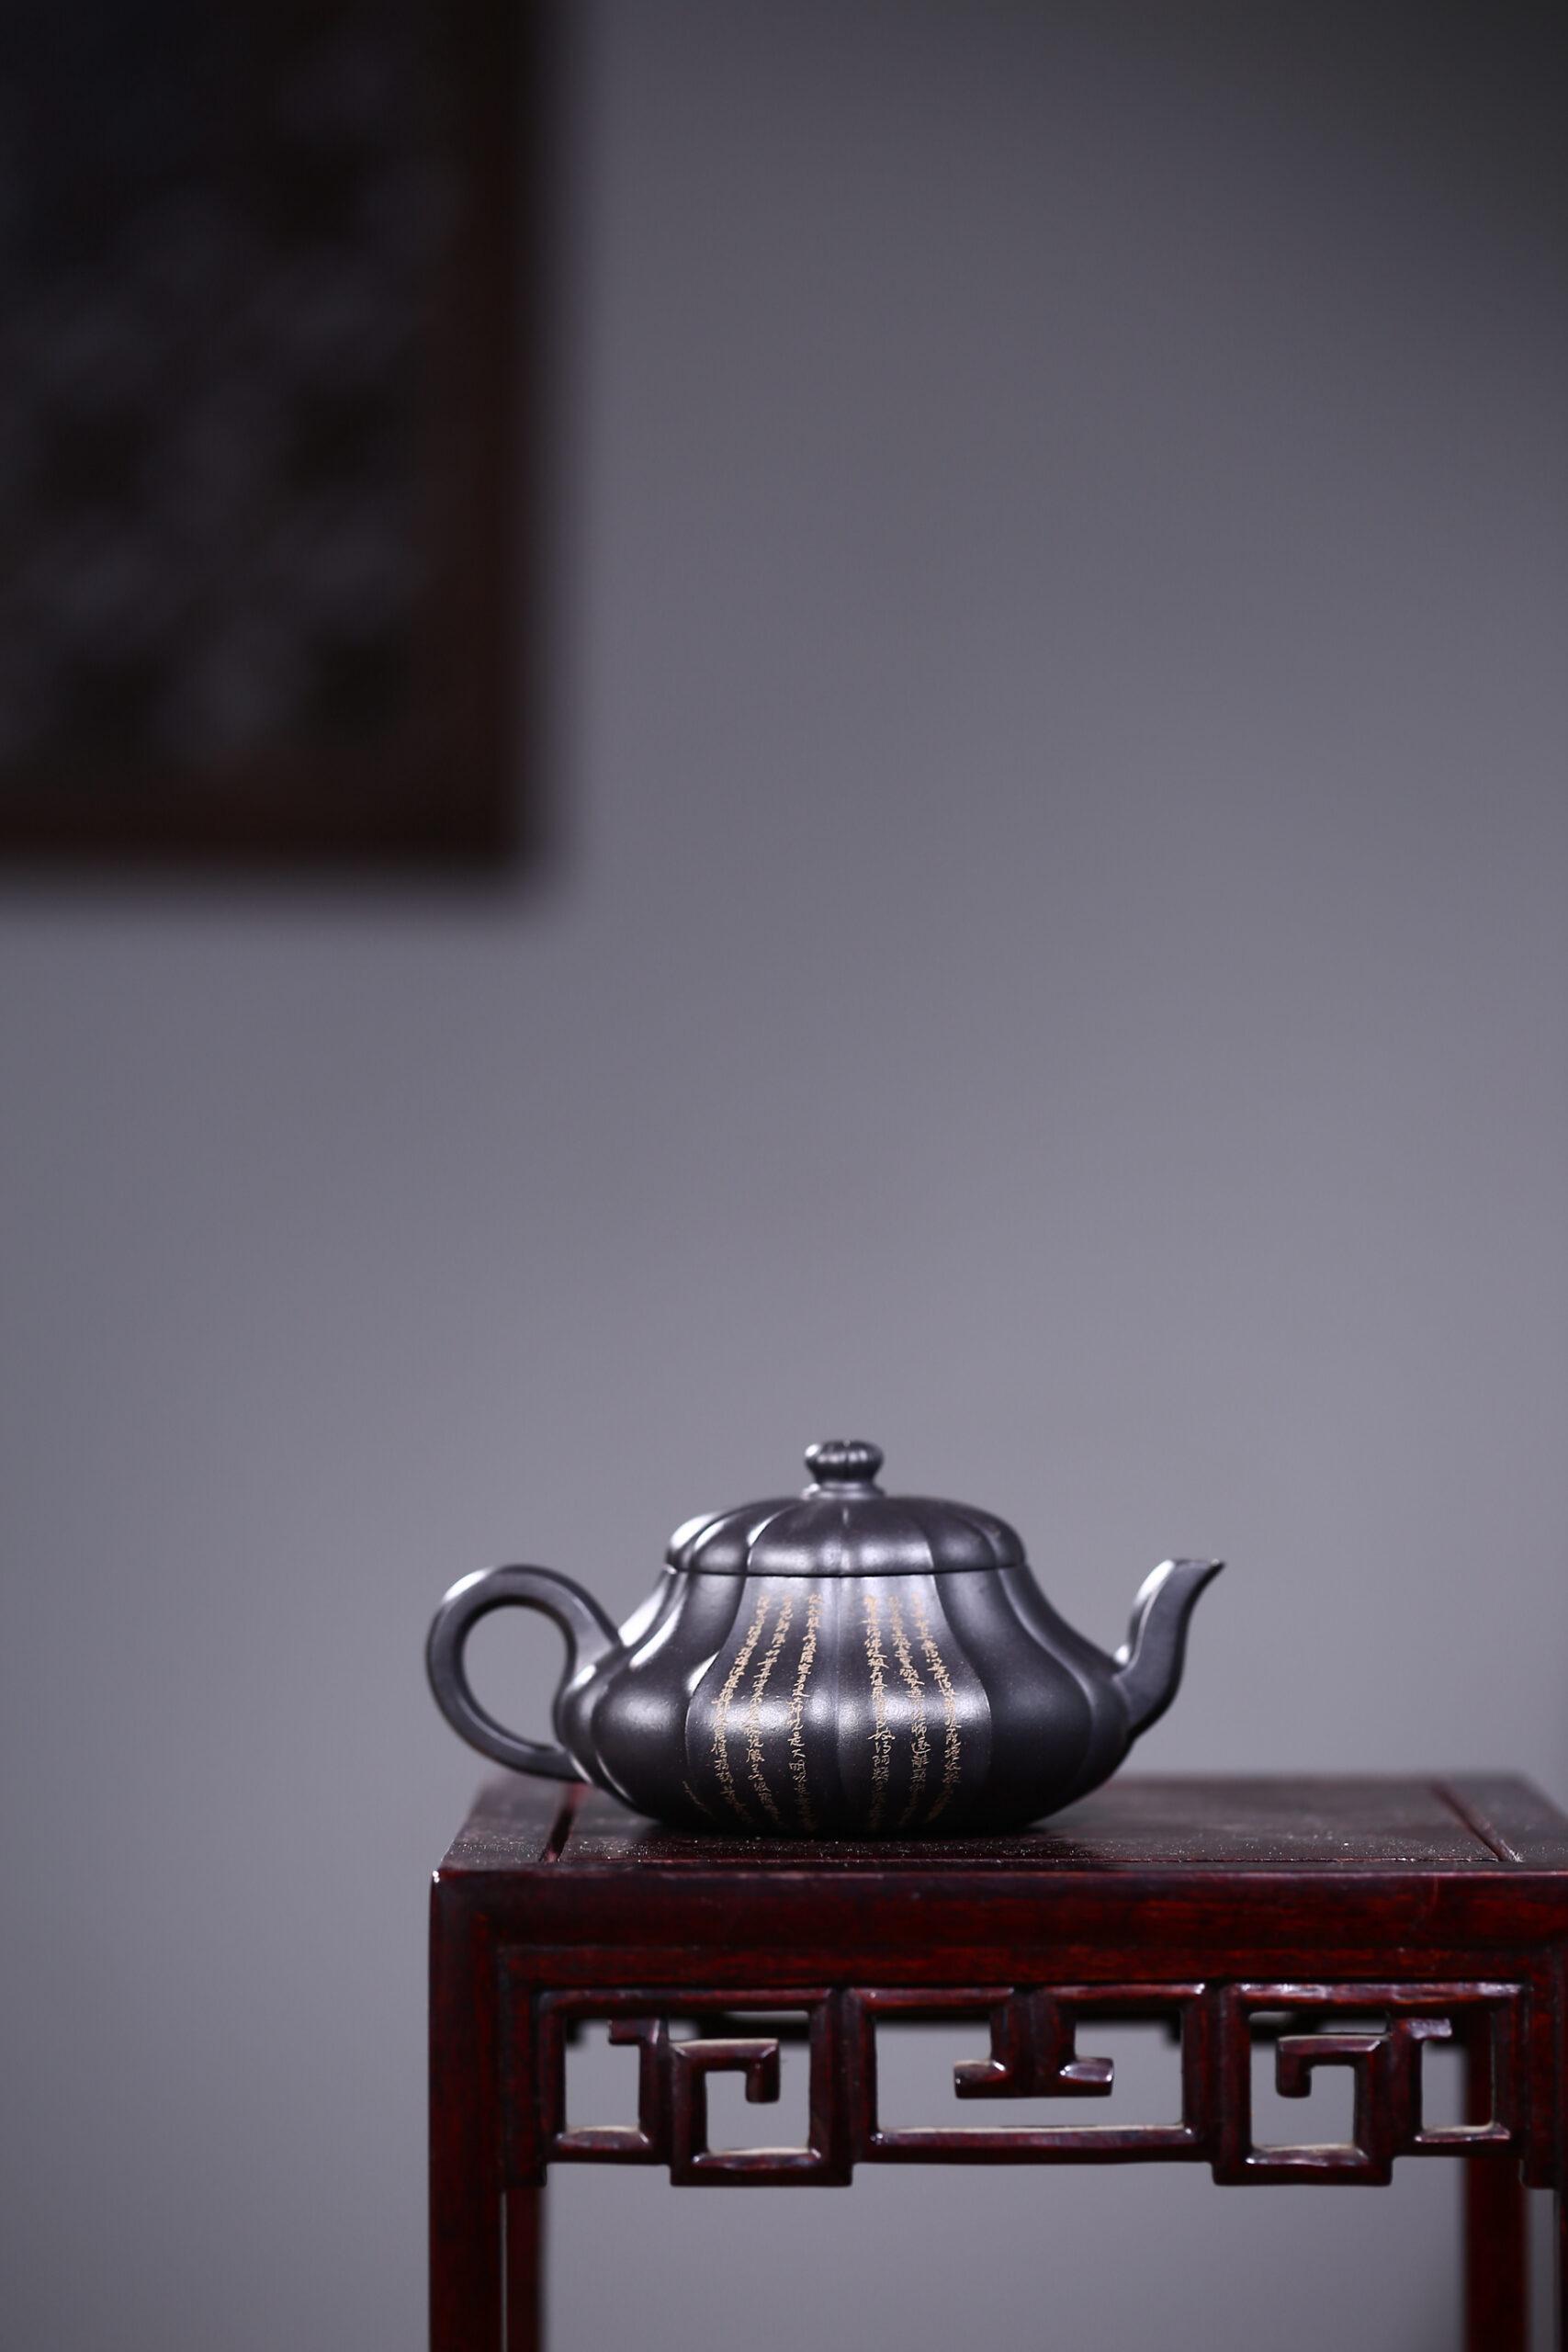 紫砂鉴赏丨徐勤·菱香君德壶